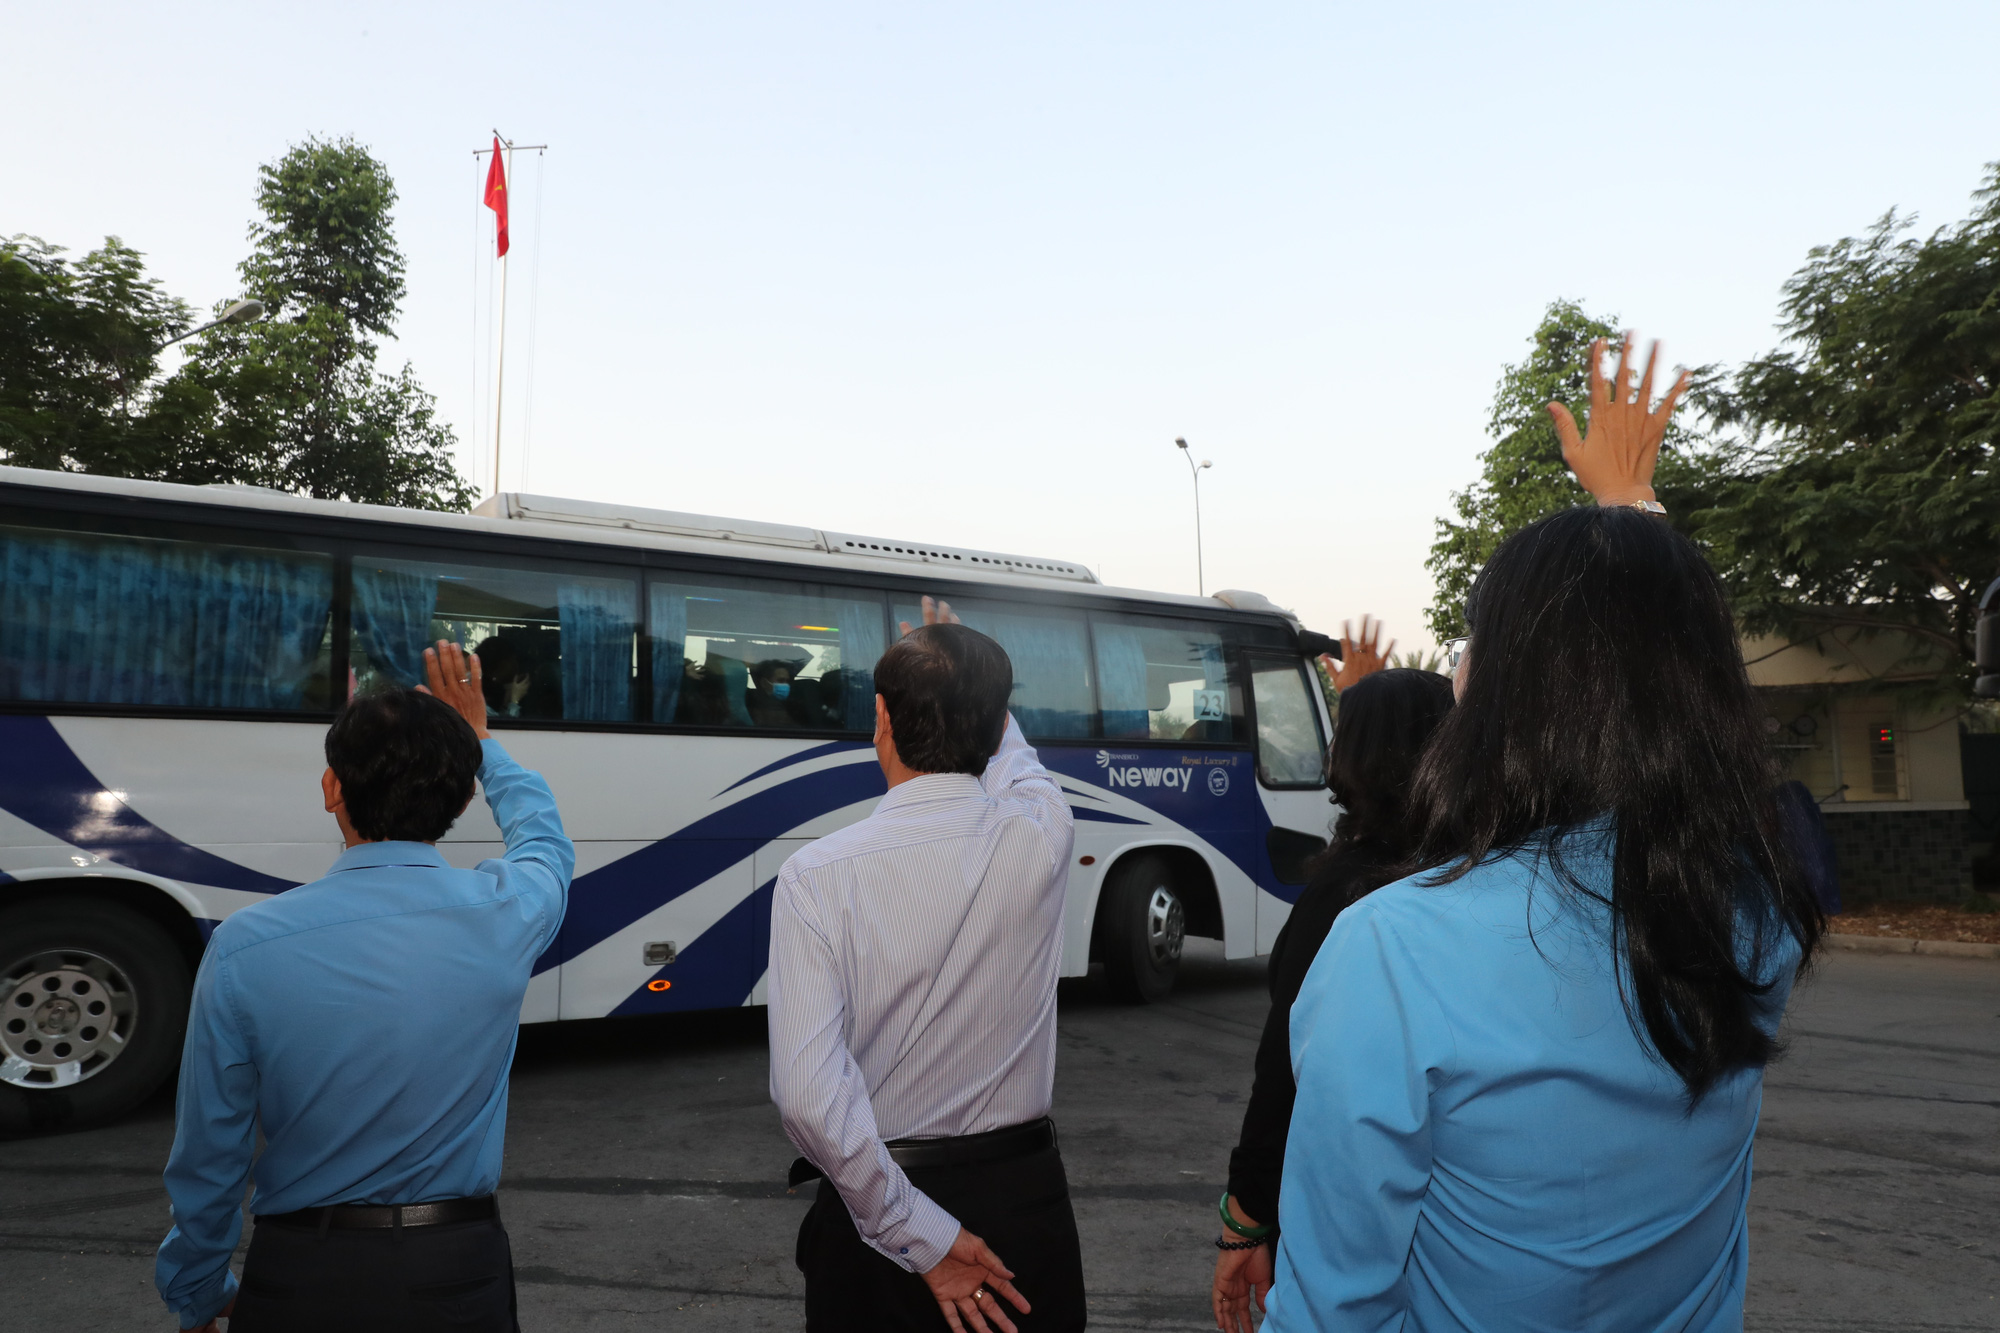 Lãnh đạo LĐLĐ TP HCM bịn rịn tiễn công nhân về quê đón Tết - Ảnh 9.